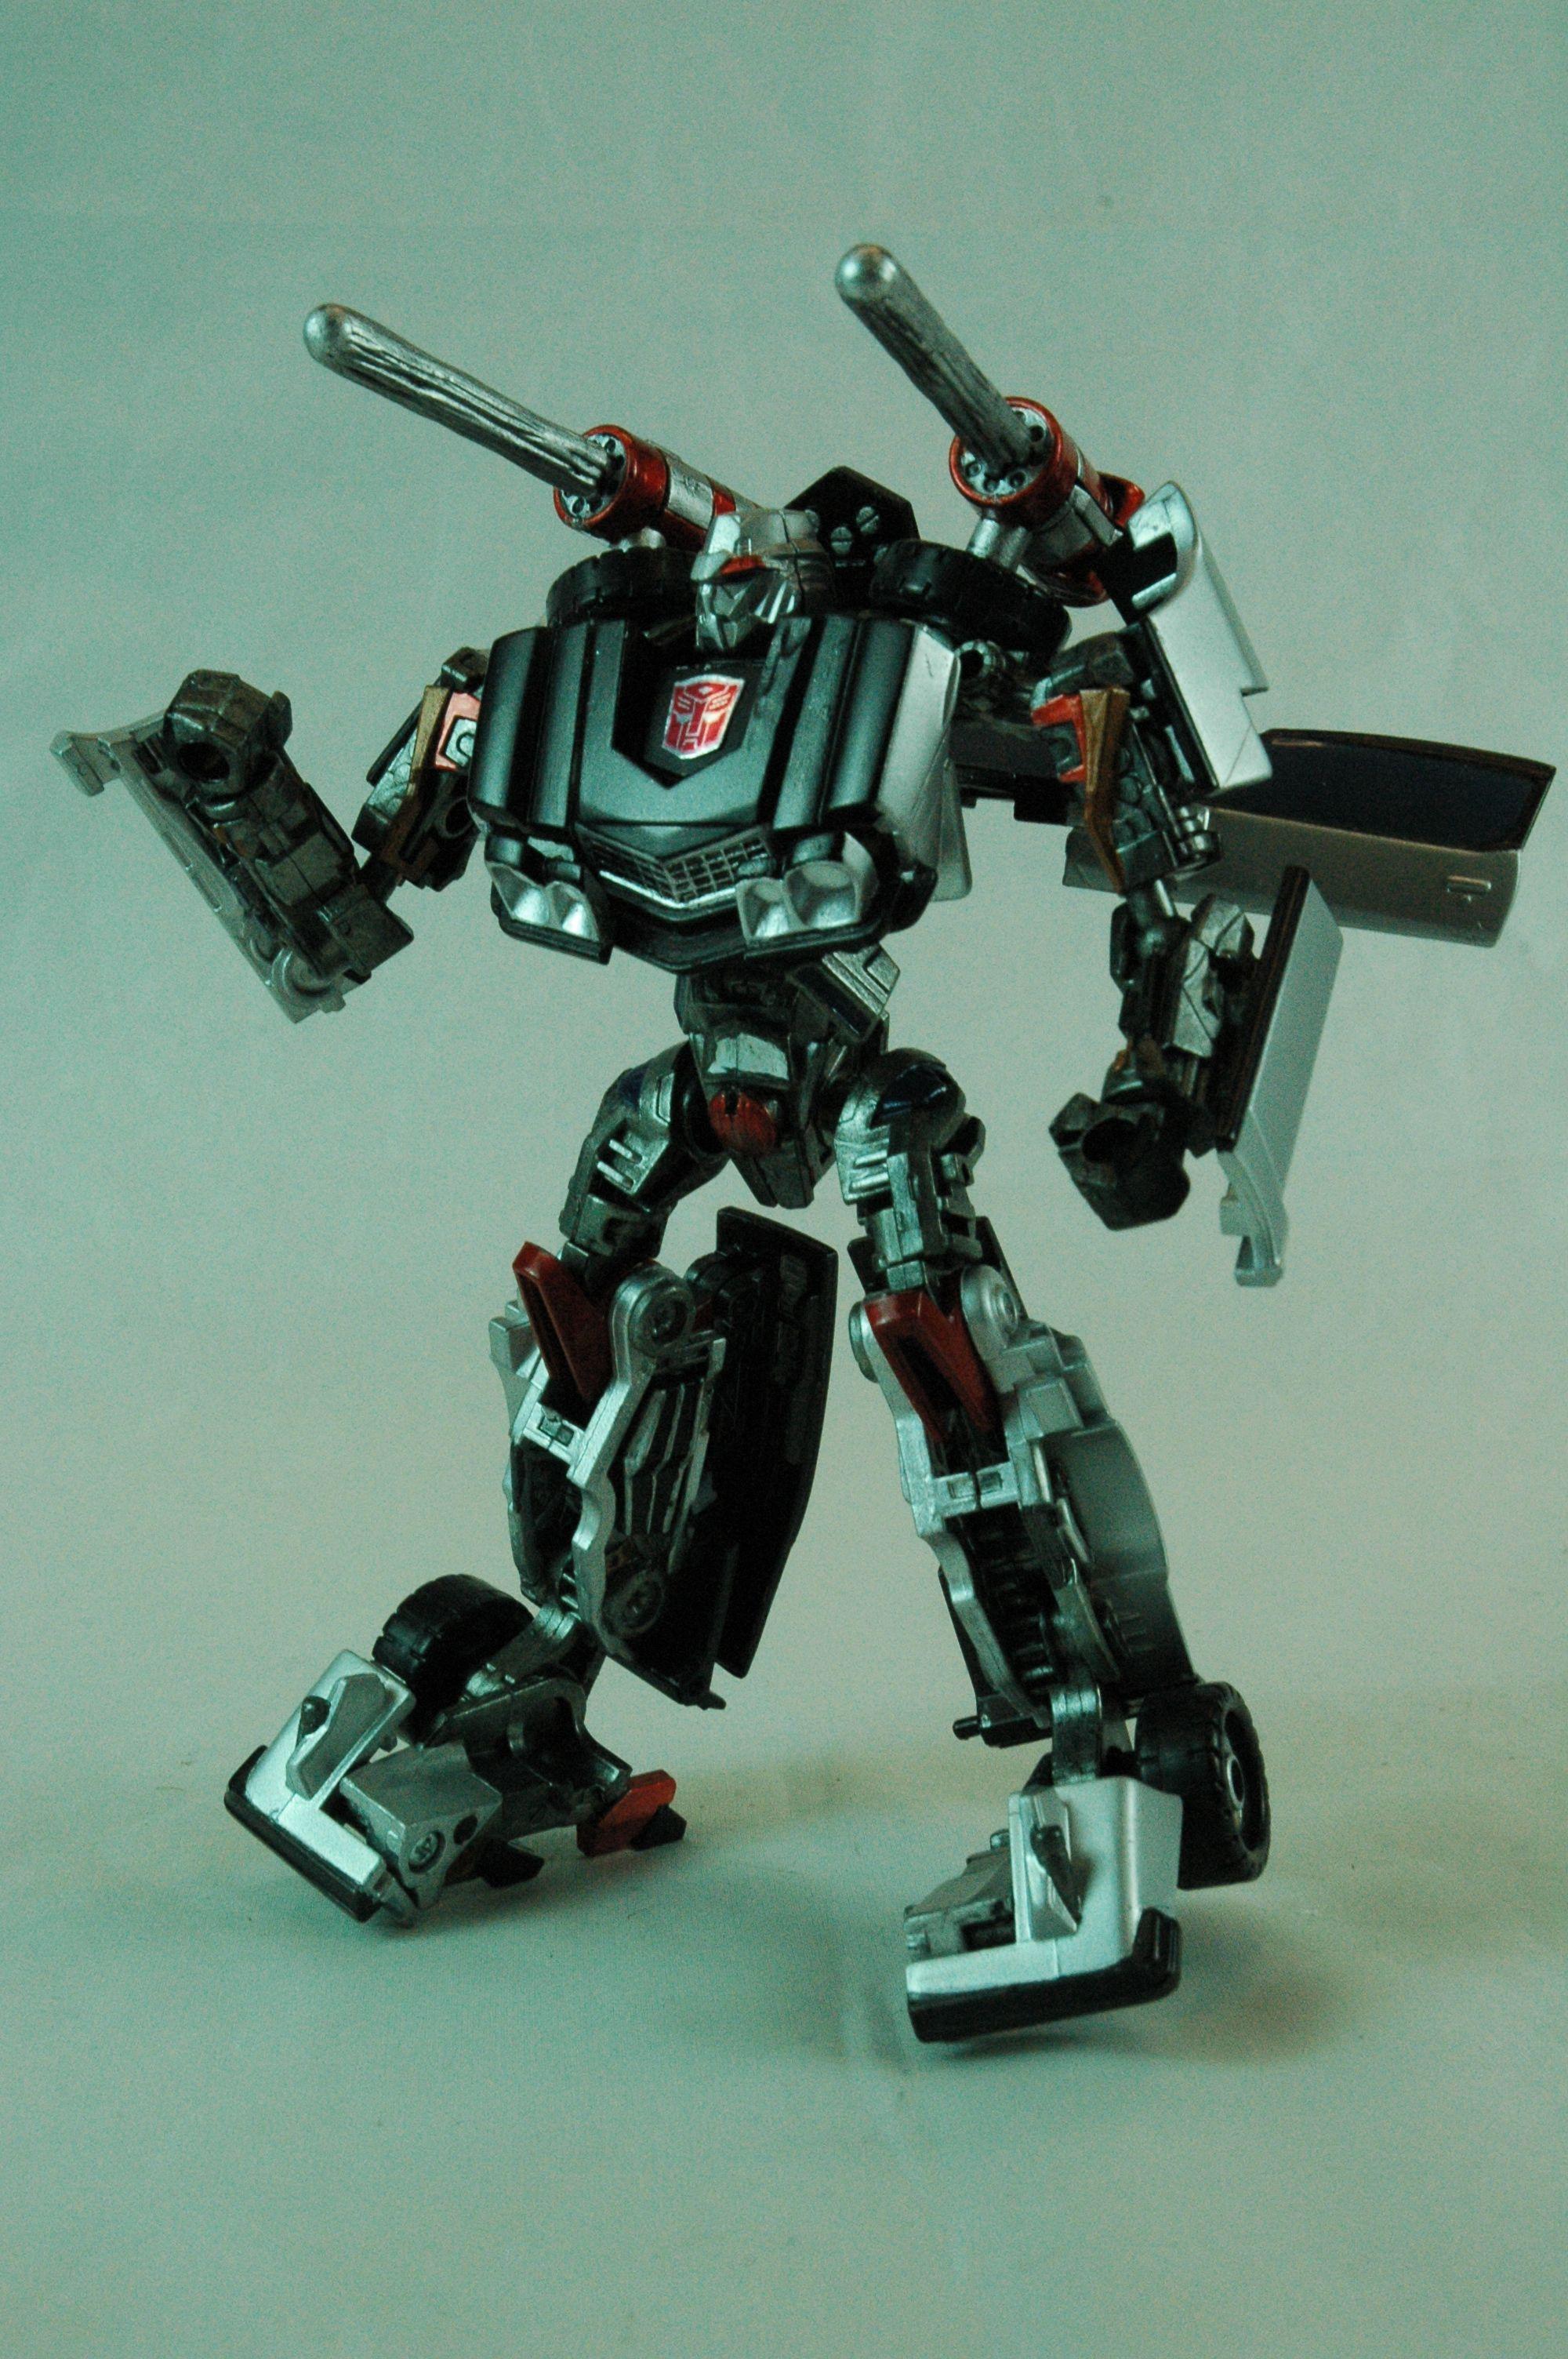 Bayformers bluestreak custom action figures action